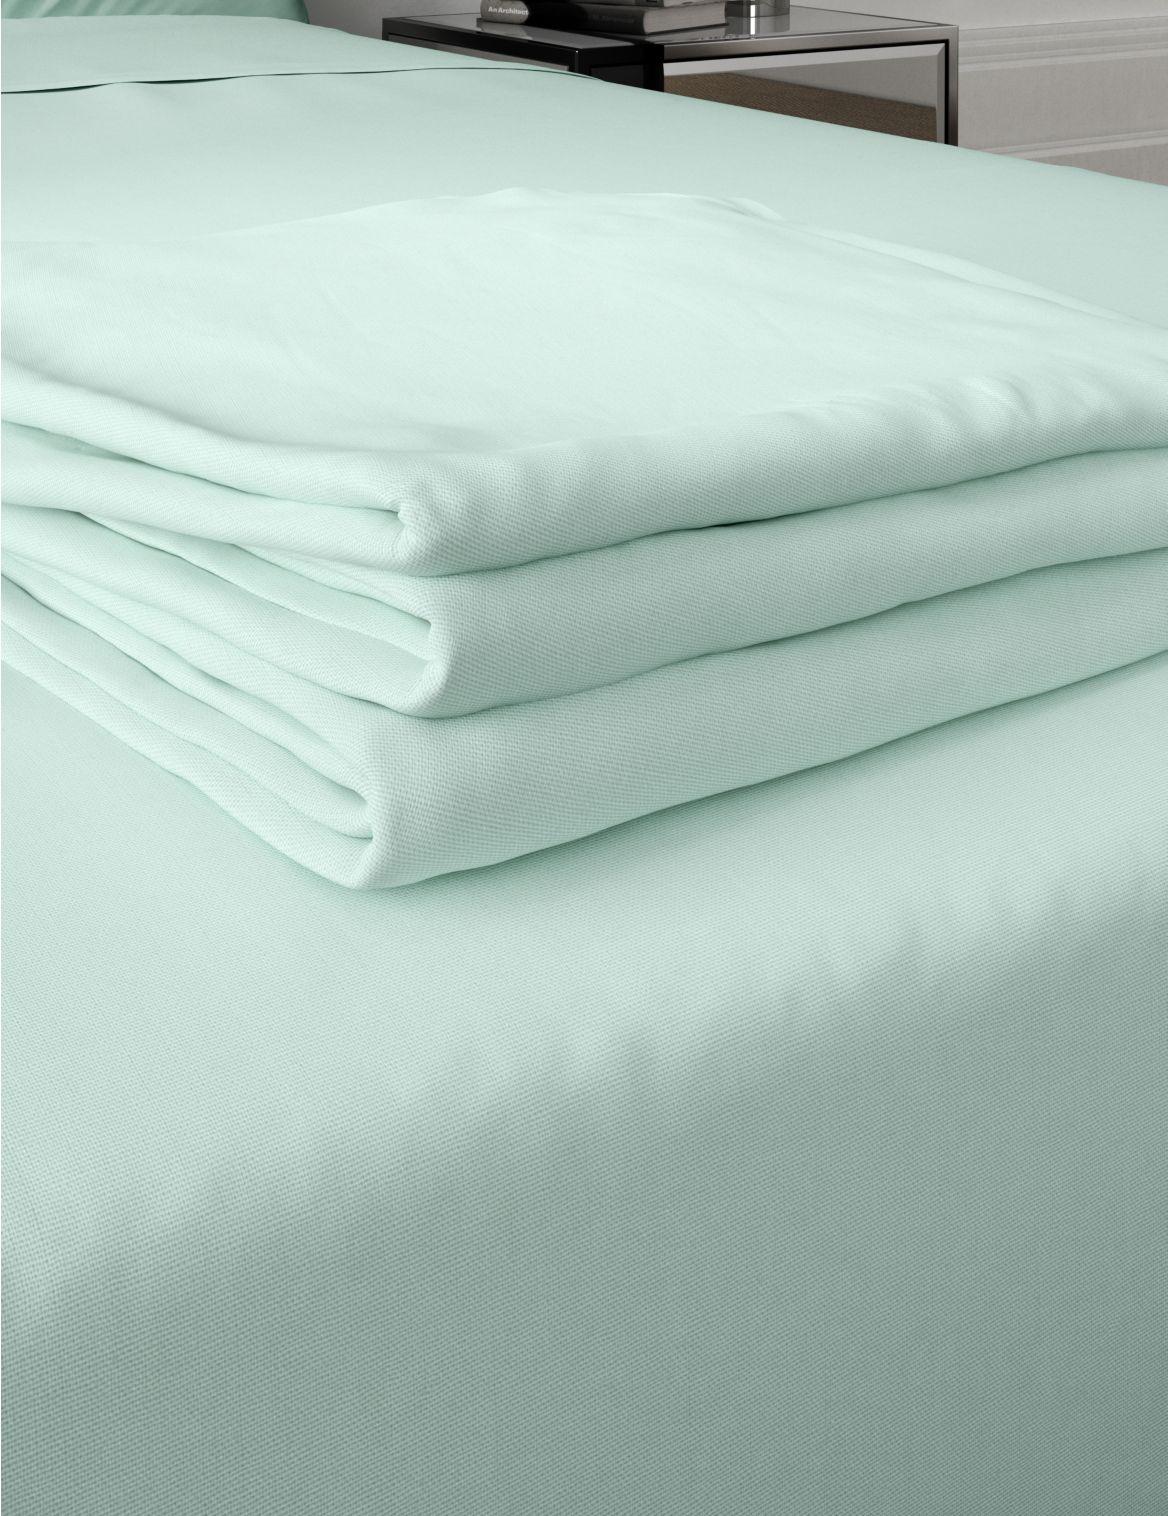 Comfortably Cool Cotton & Tencel® Blend Flat Sheet duck egg